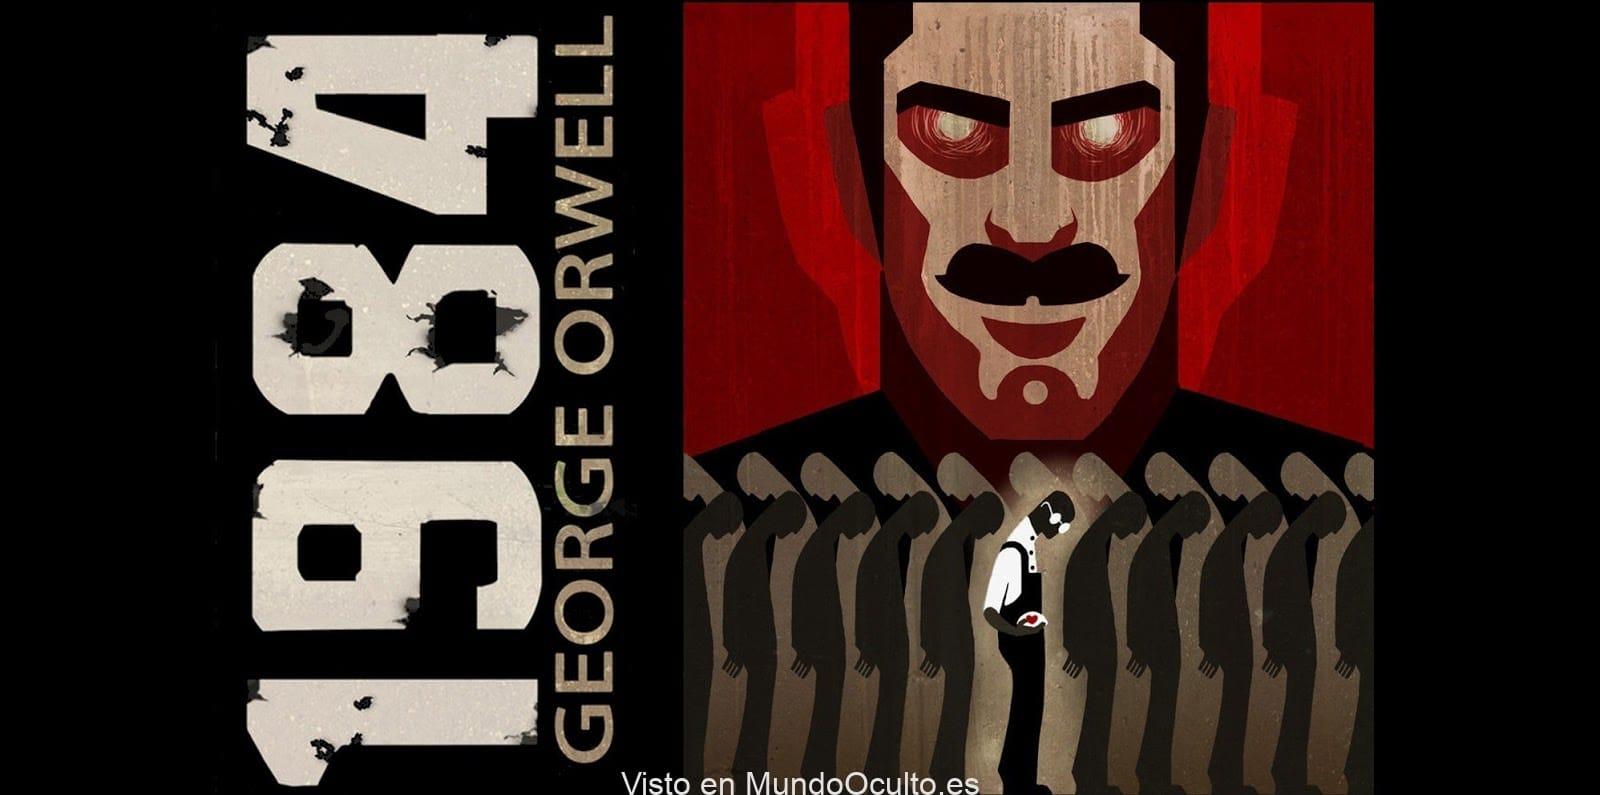 Red Echelon: ¿estamos siendo vigilados y dirigidos en todo instante?